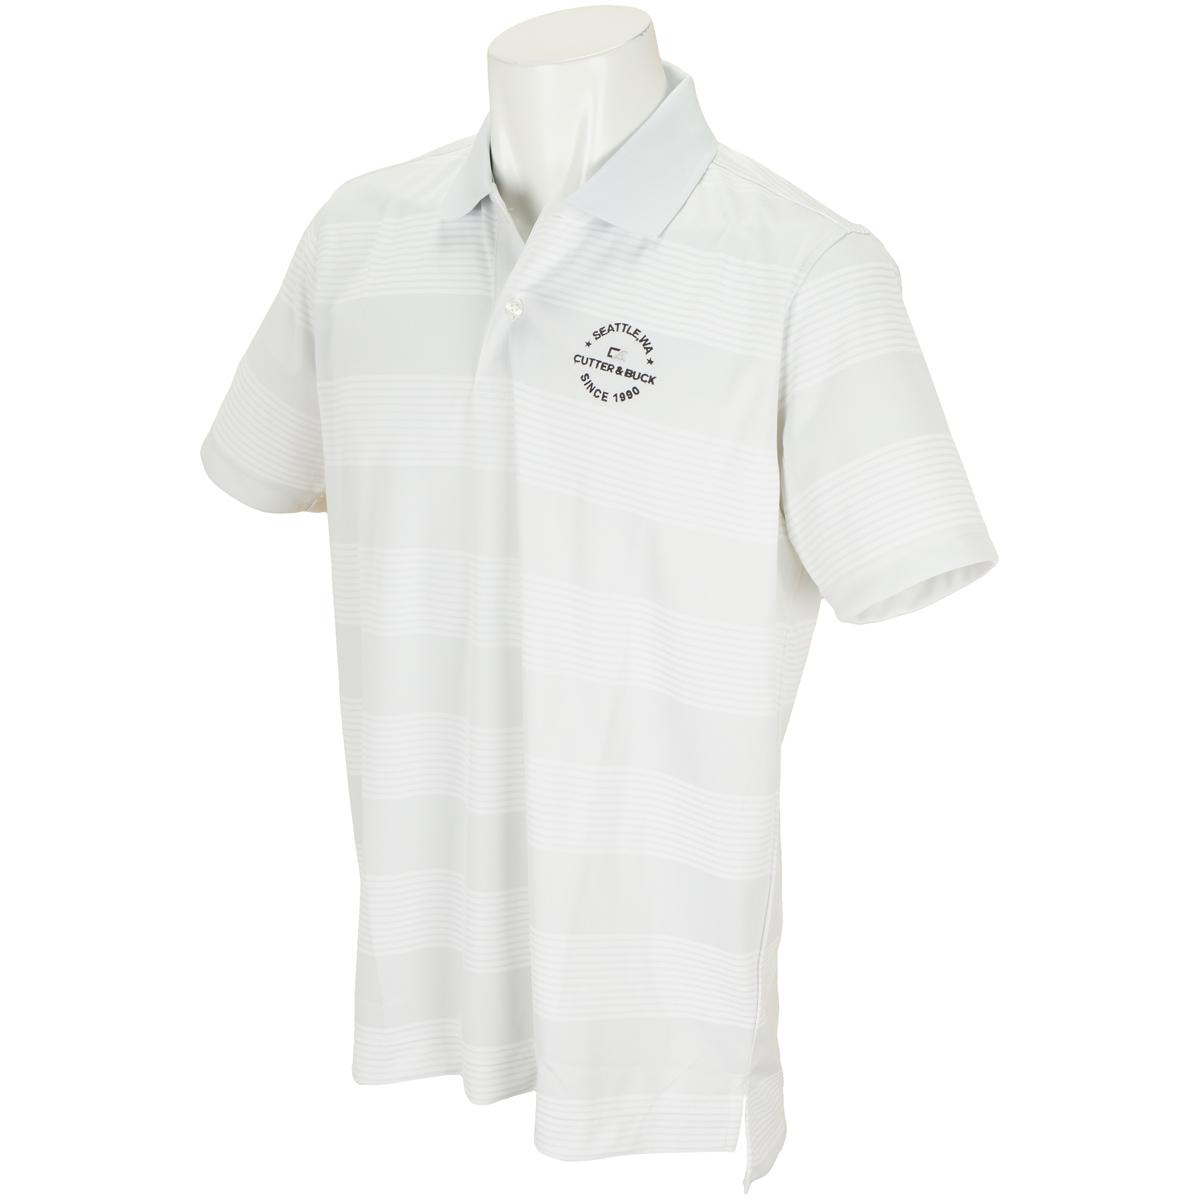 バーズアイボーダー半袖ポロシャツ